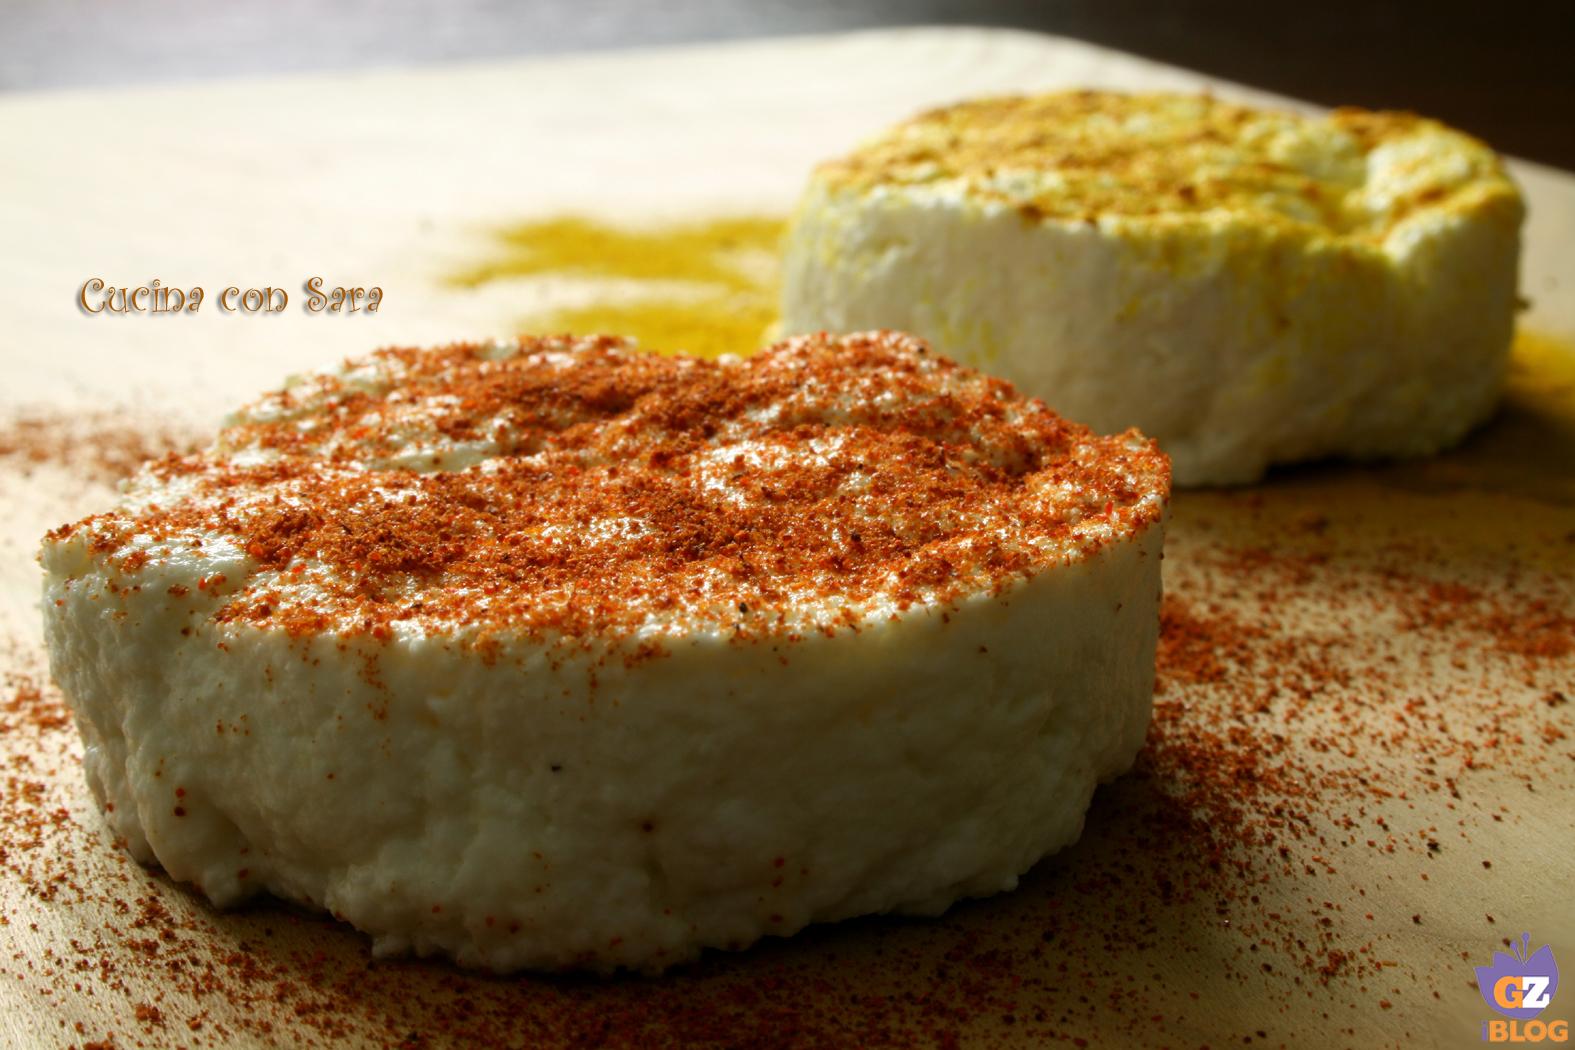 tomini aromatizzati, cucina con sara